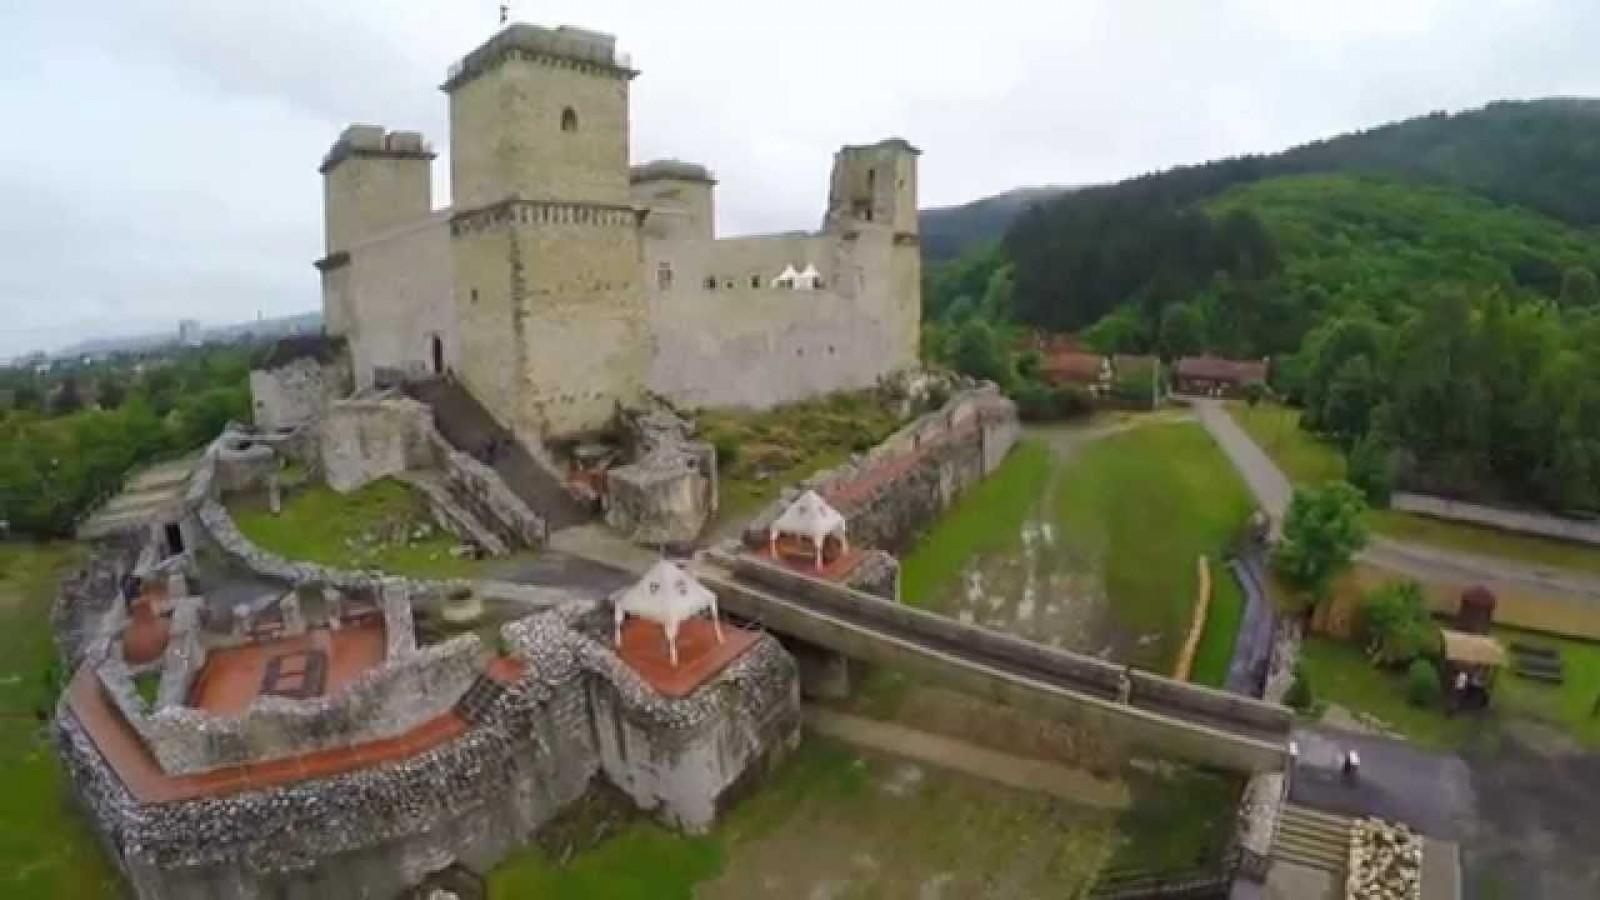 388d73e0e1 Az újabb fejlesztést követően a vár valóban visszanyeri régi patináját, és  a Nagy Lajos korabeli állapotokat fogja tükrözni.